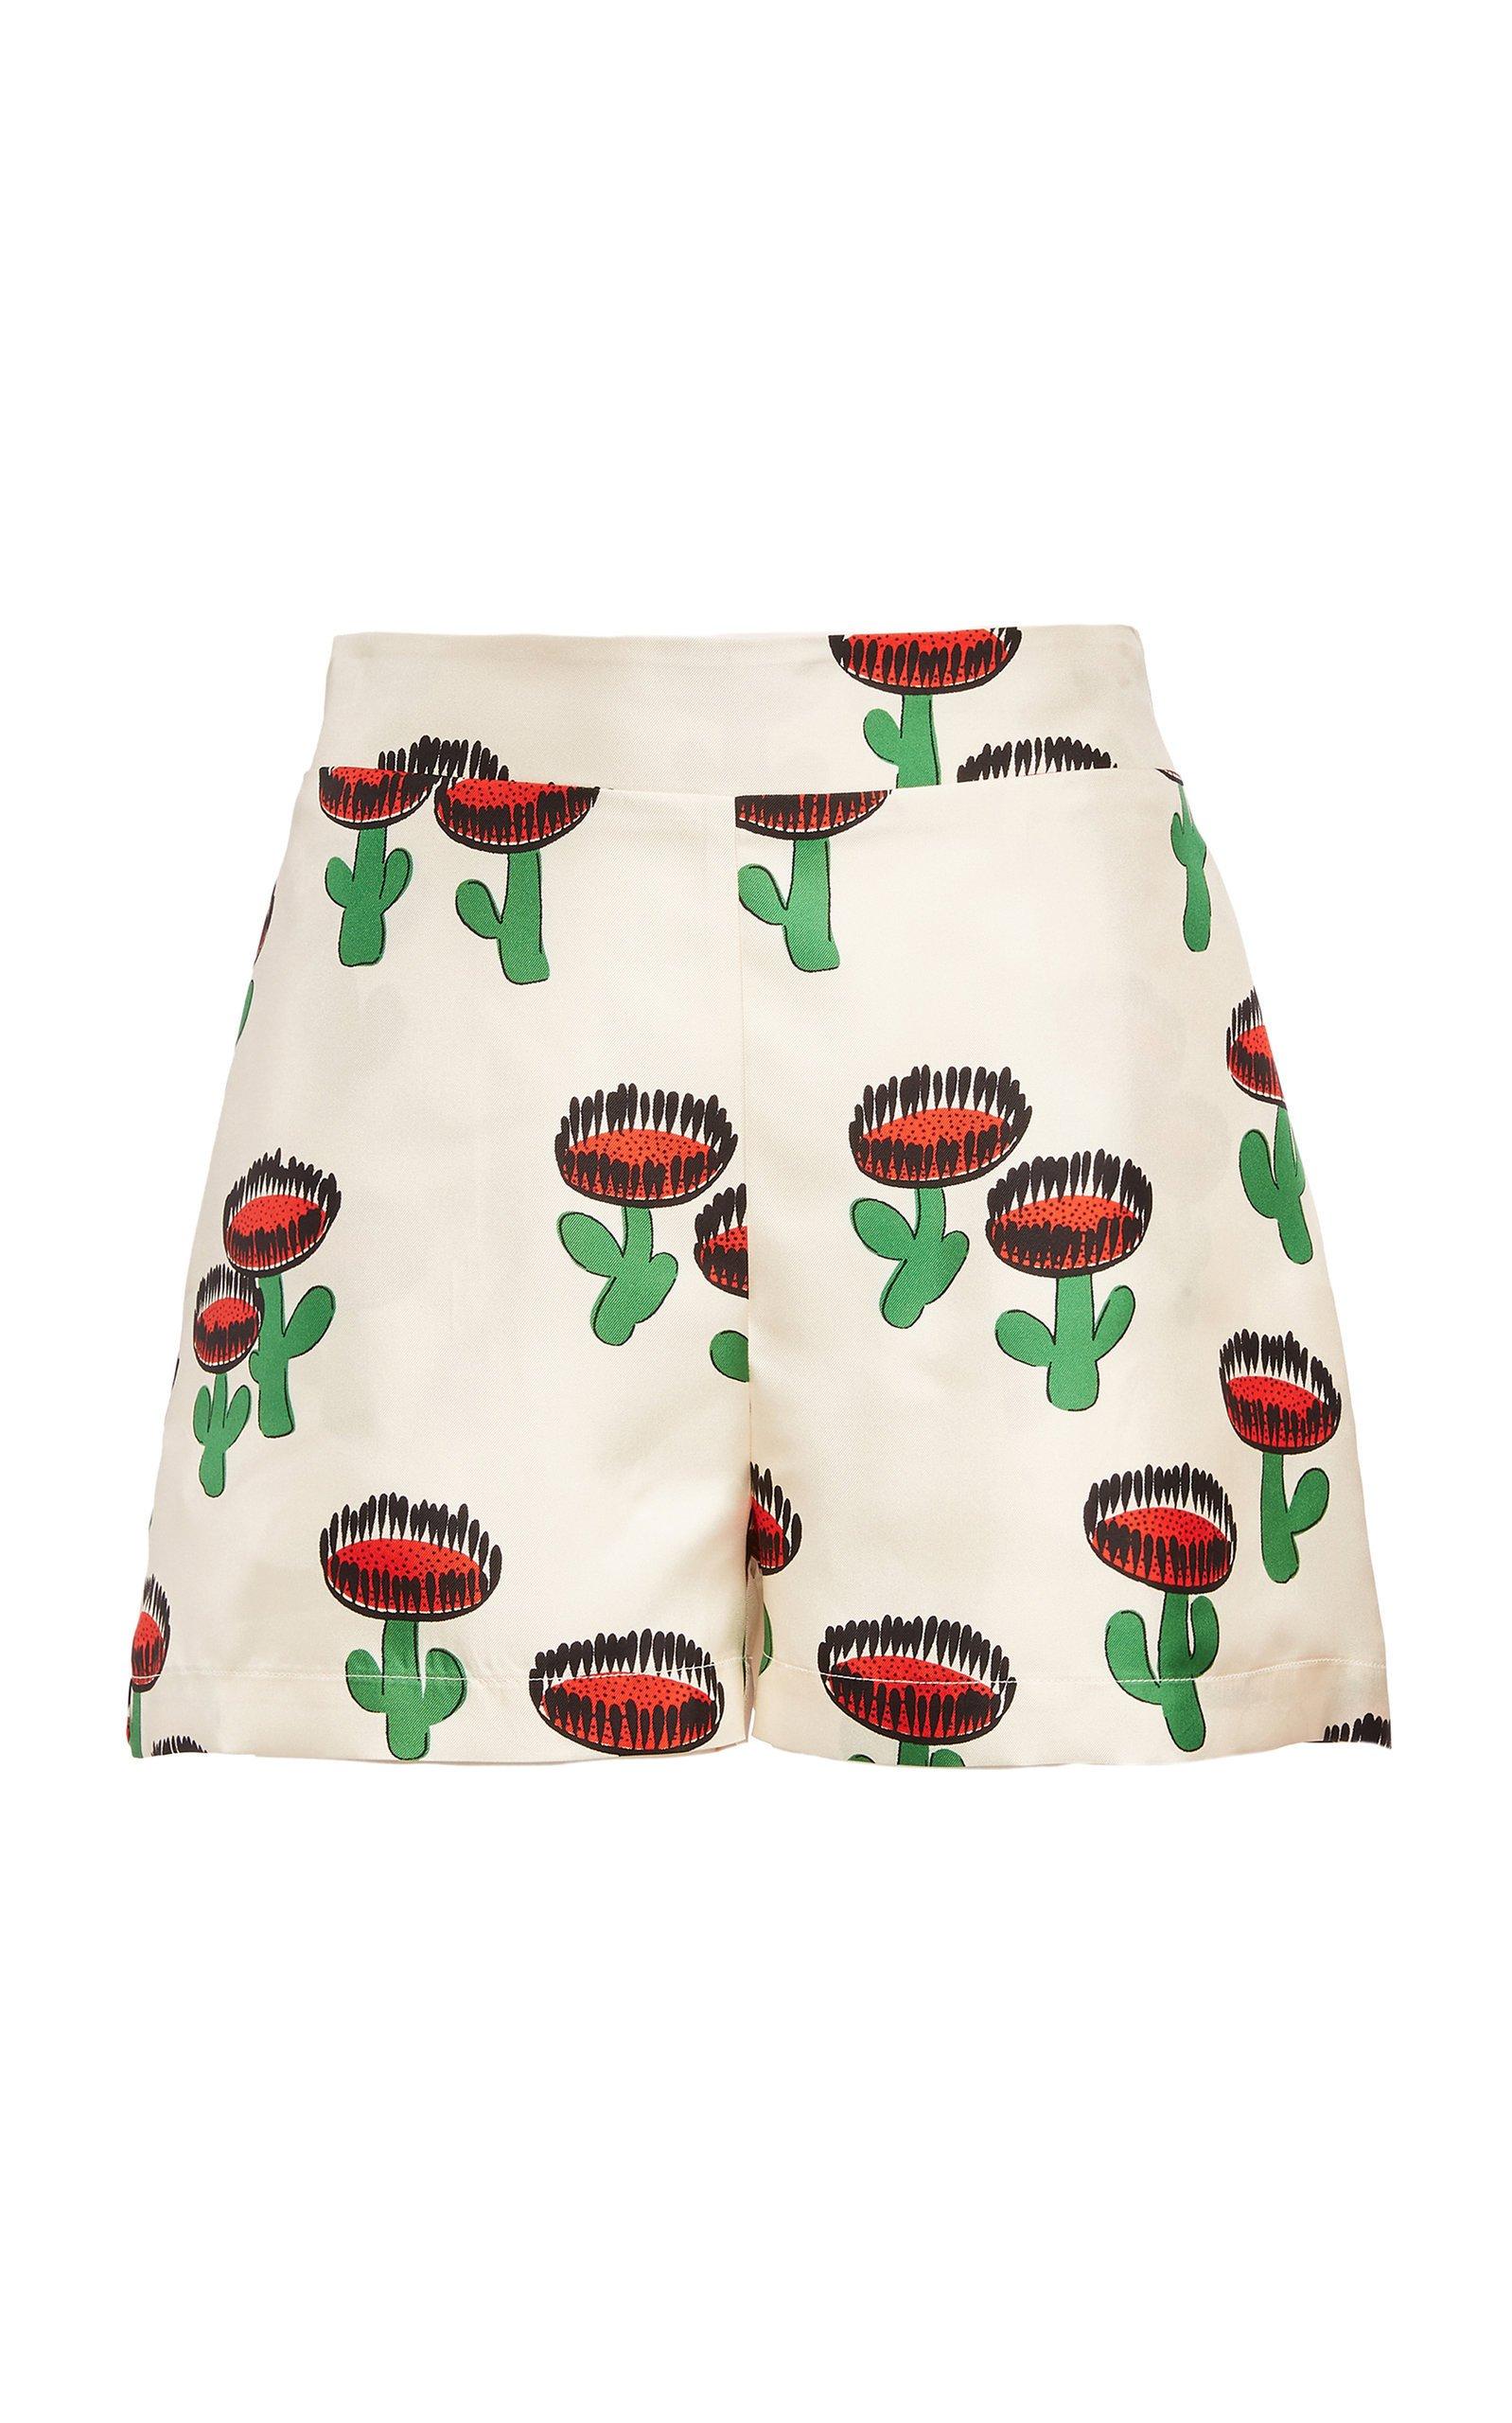 La DoubleJ Boxer Printed Silk Shorts Size: M